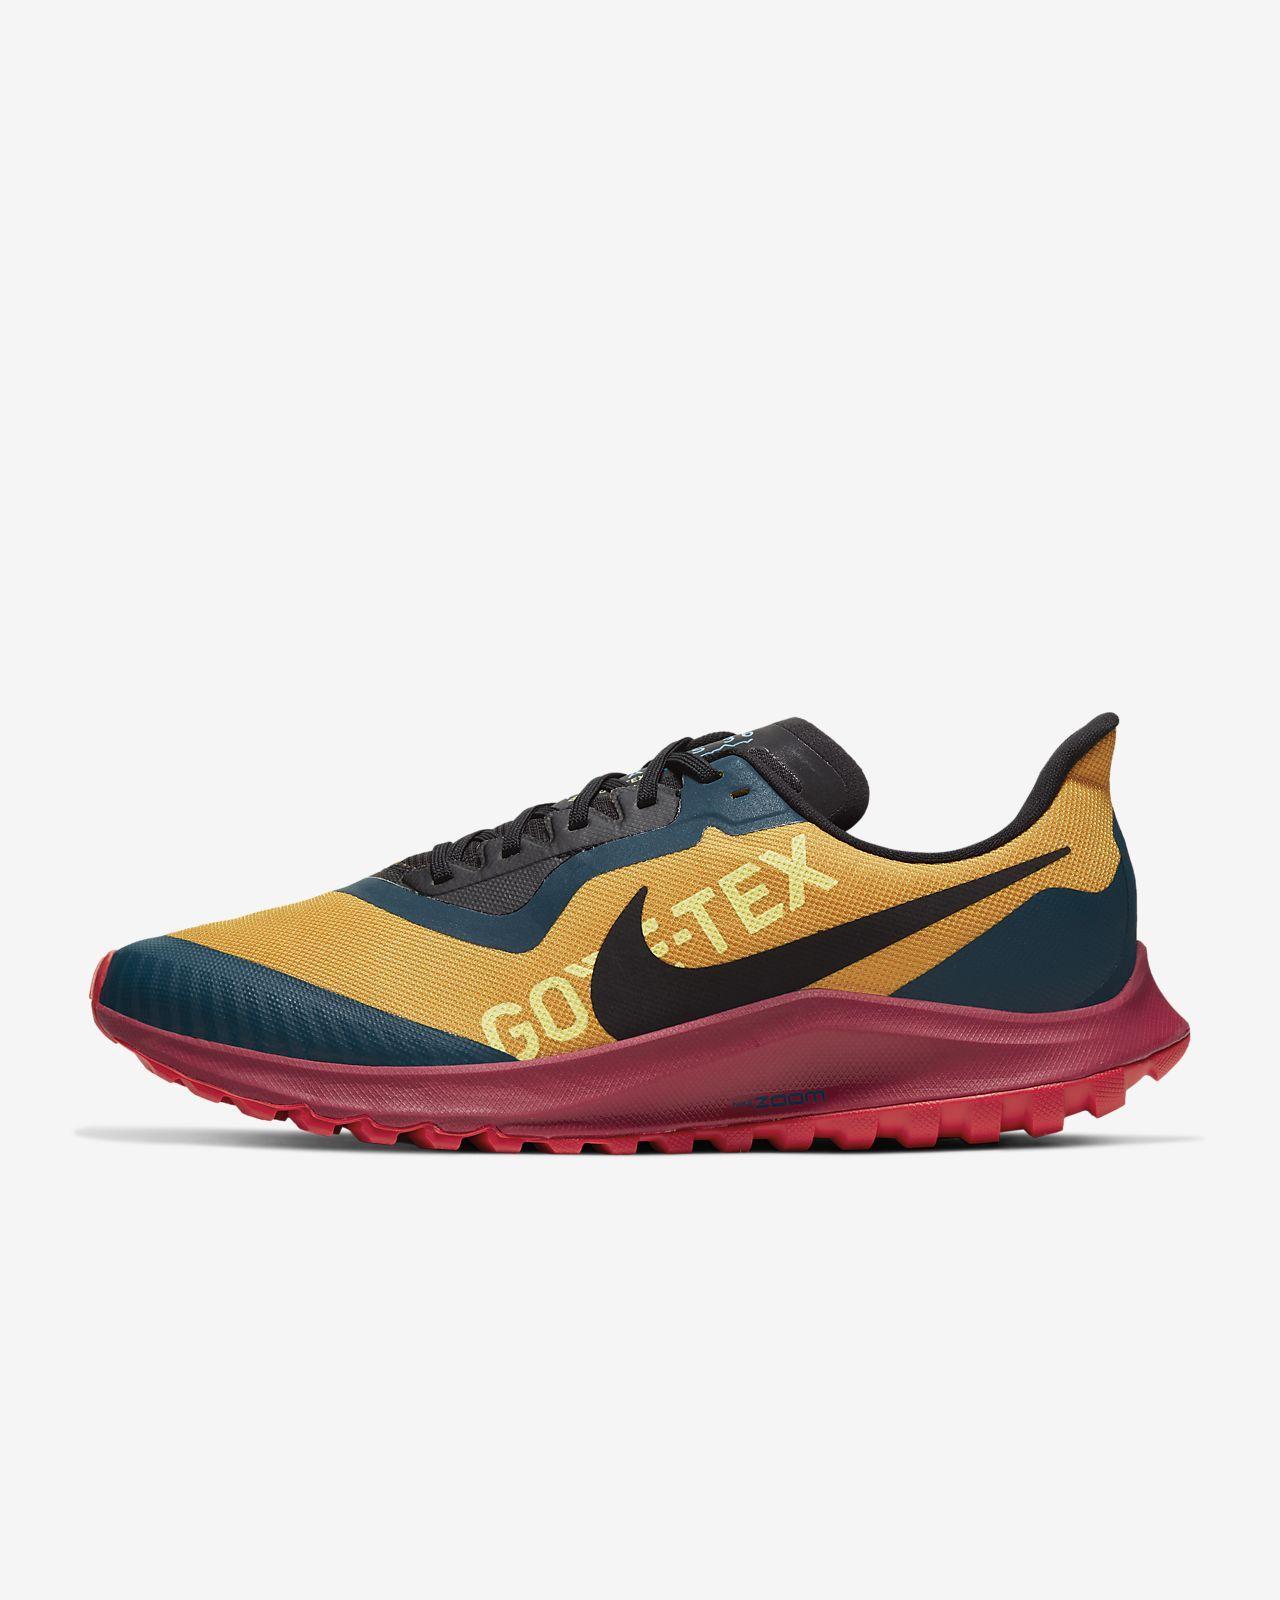 Chaussure de running sur sentier Nike Air Zoom Pegasus 36 Trail GORE-TEX